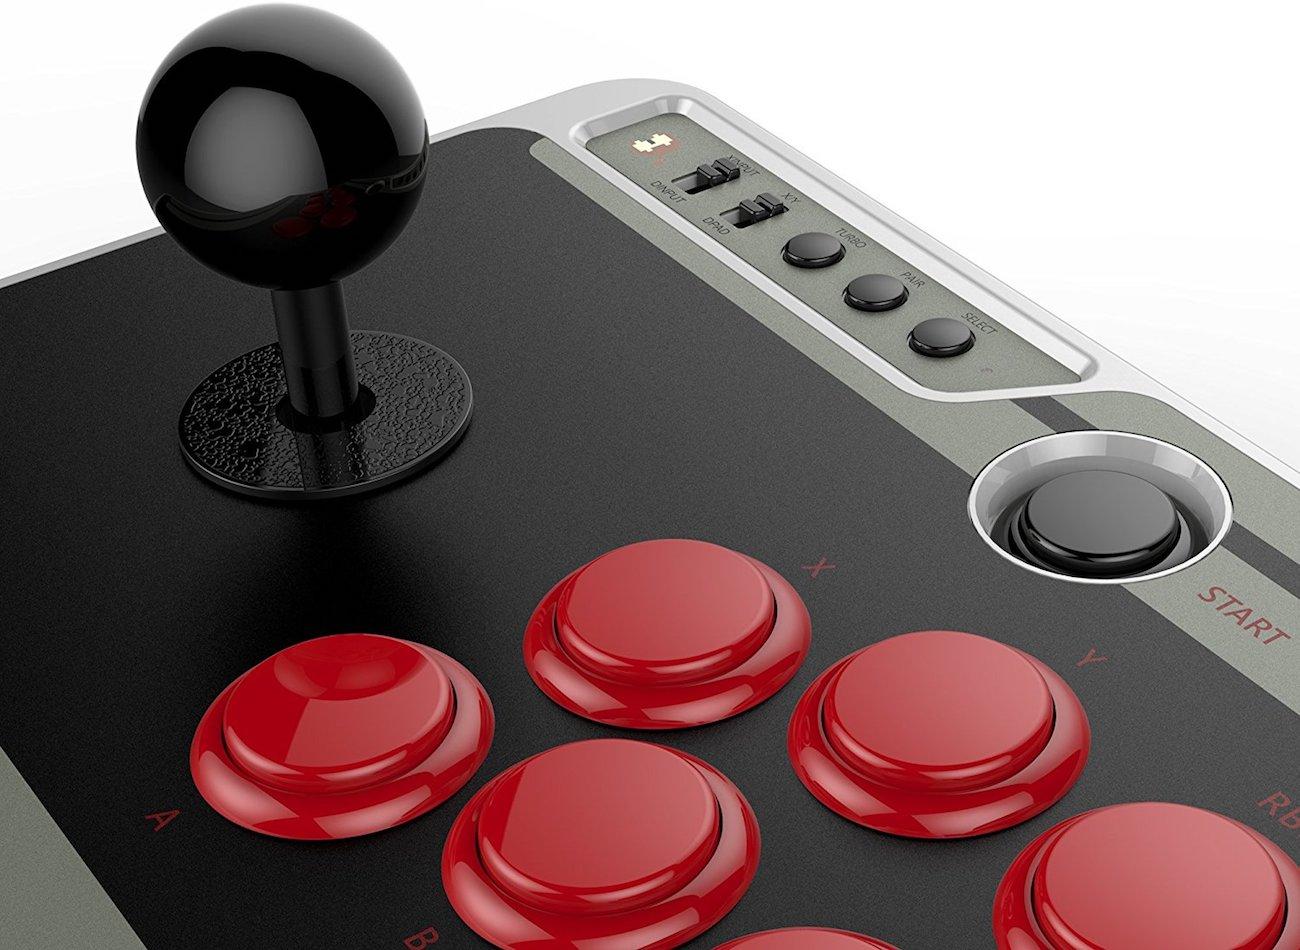 8Bitdo NES30 Arcade Stick Controller » Gadget Flow